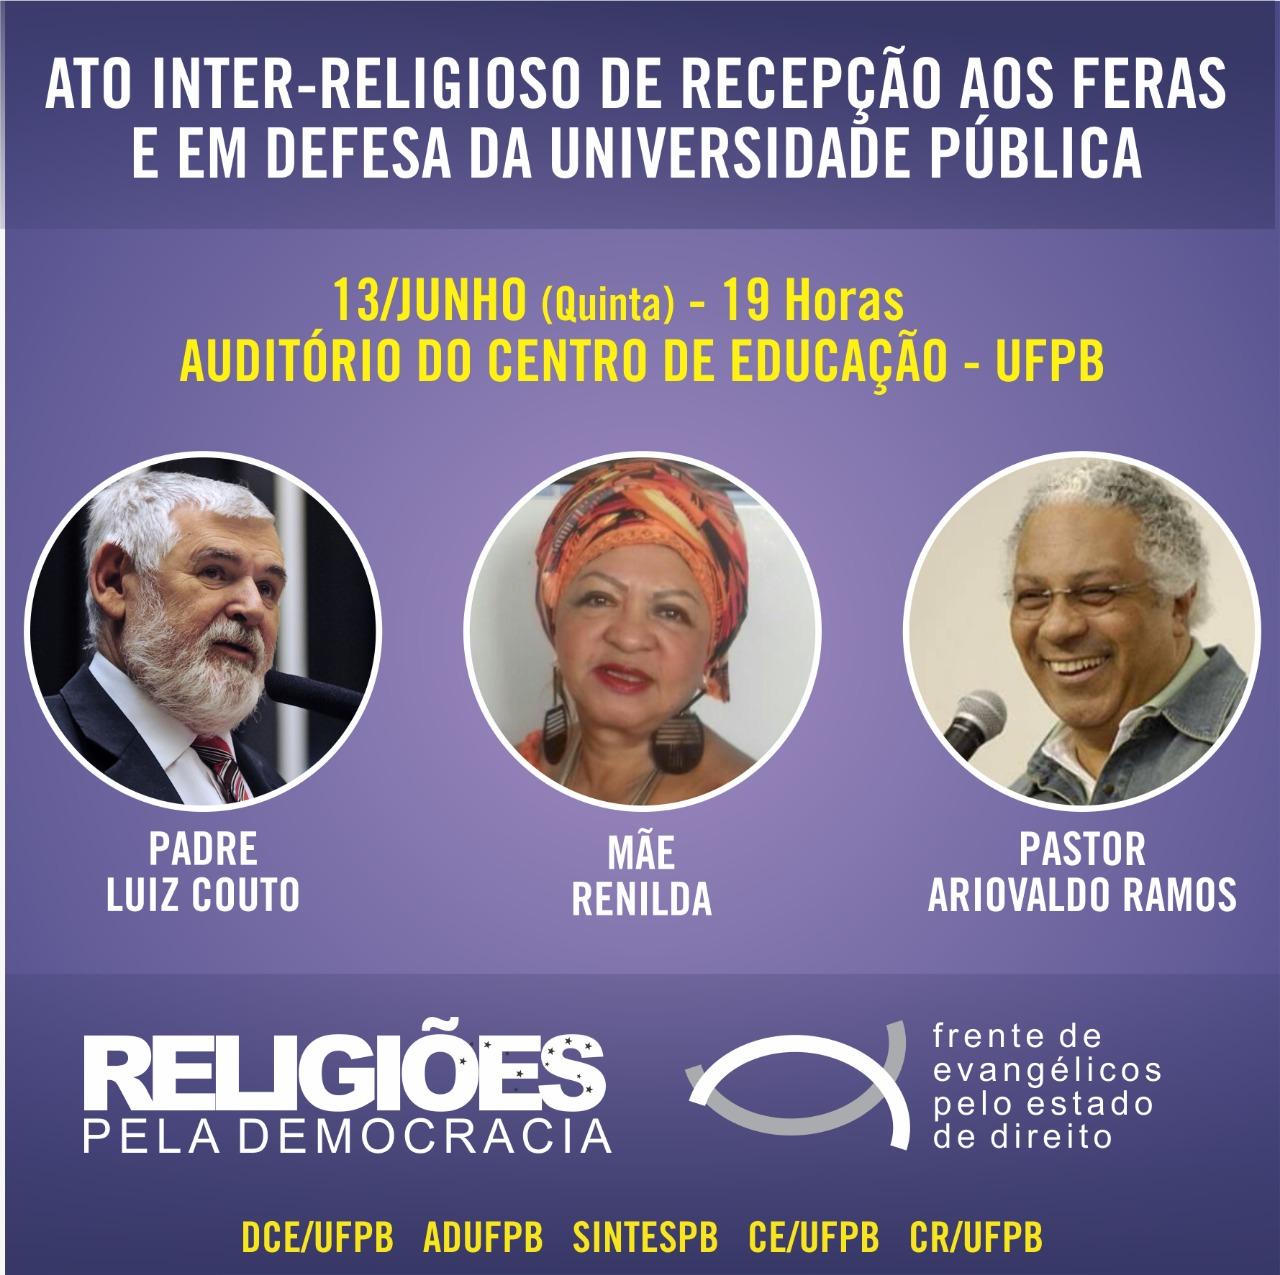 PB: Ato inter-religioso em defesa da universidade pública e em recepção aos feras - Créditos: Card de Divulgação